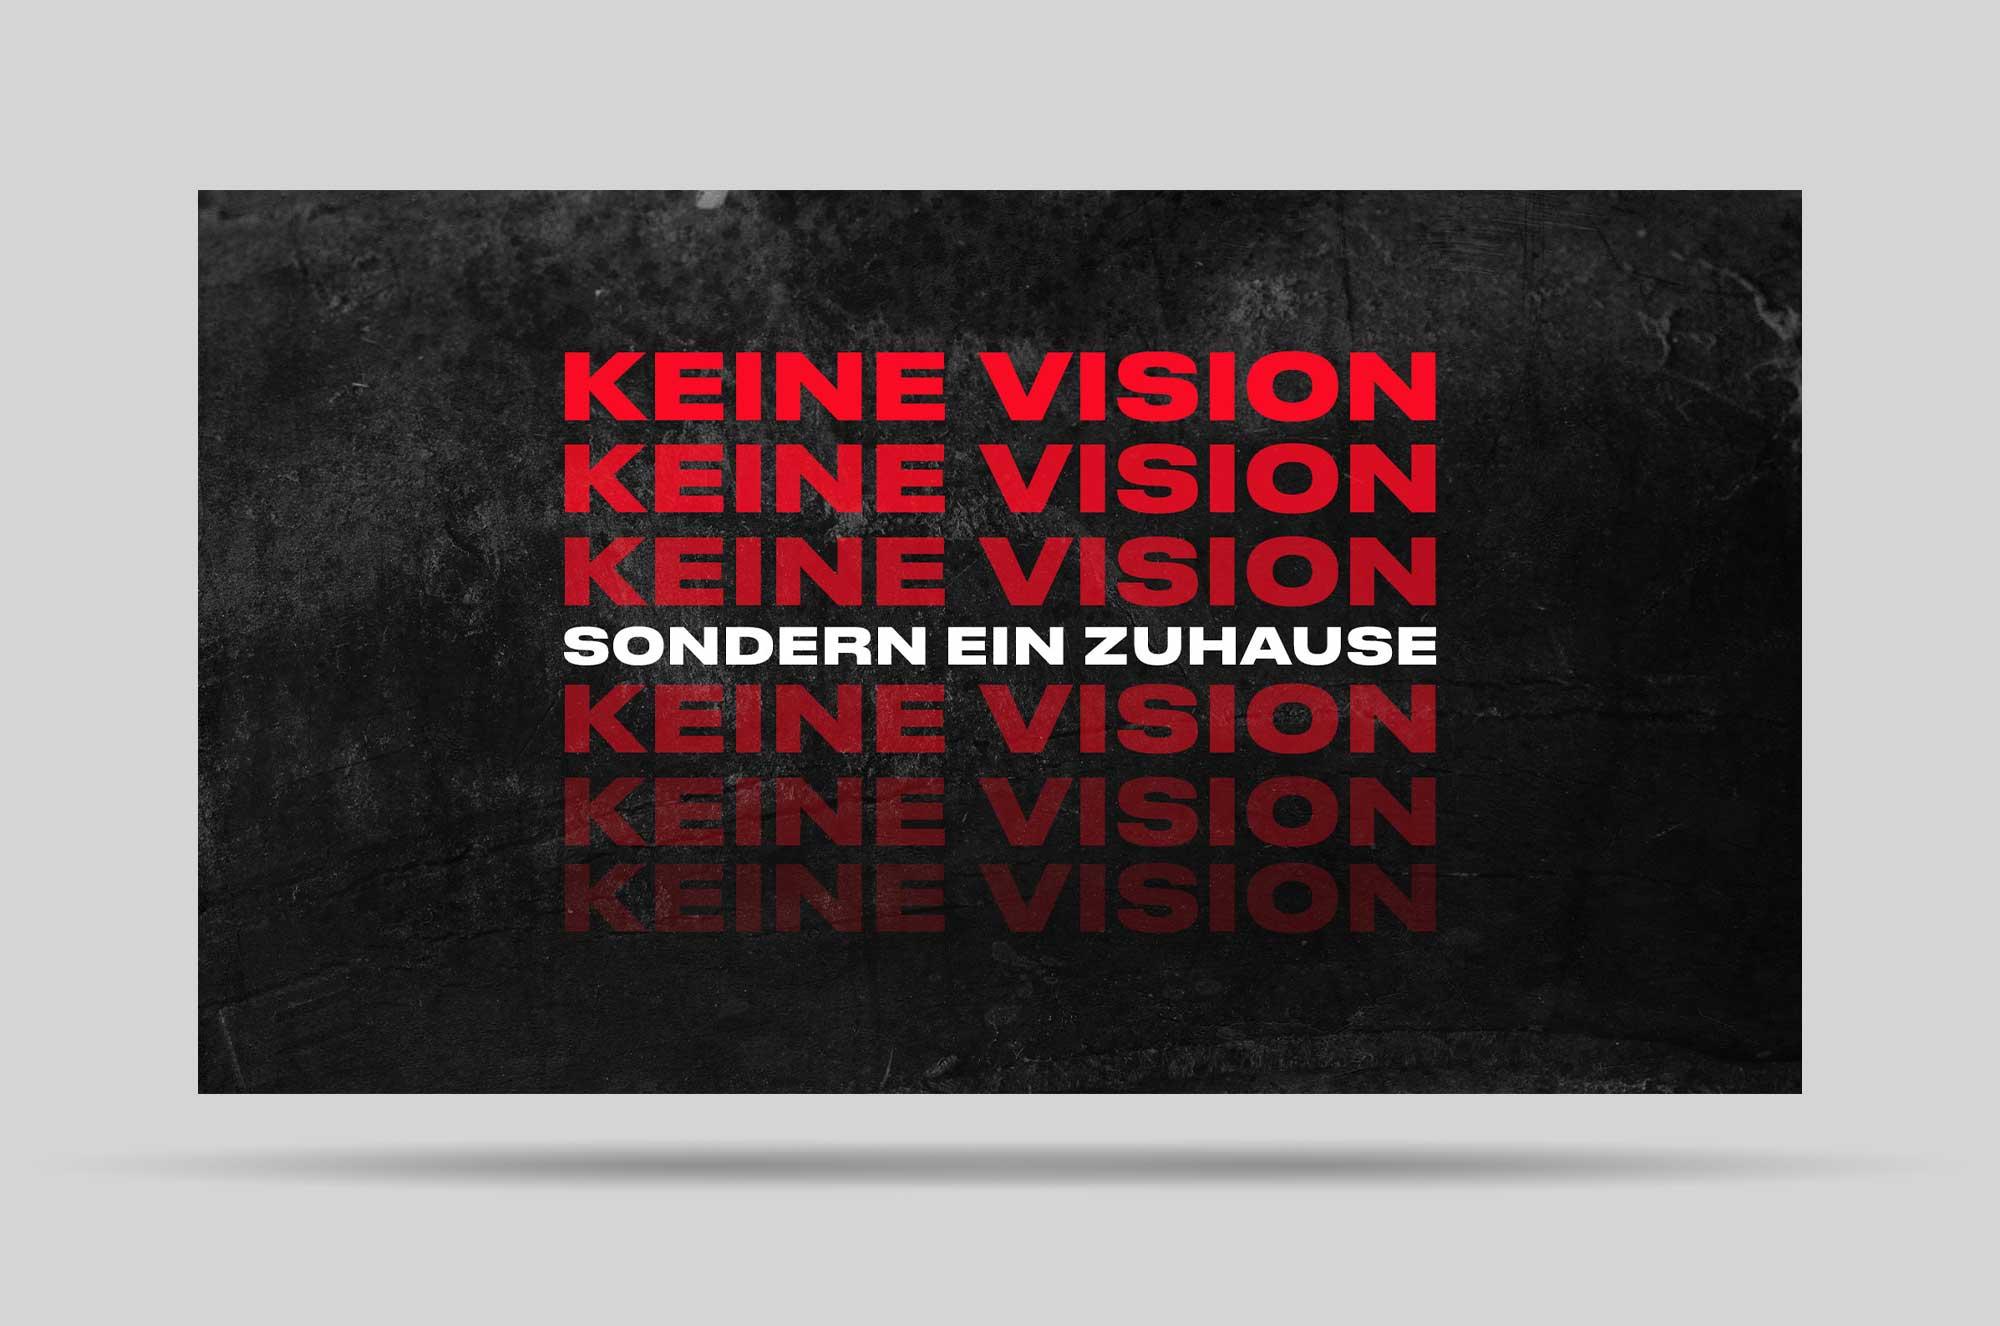 KeineVision2.jpg